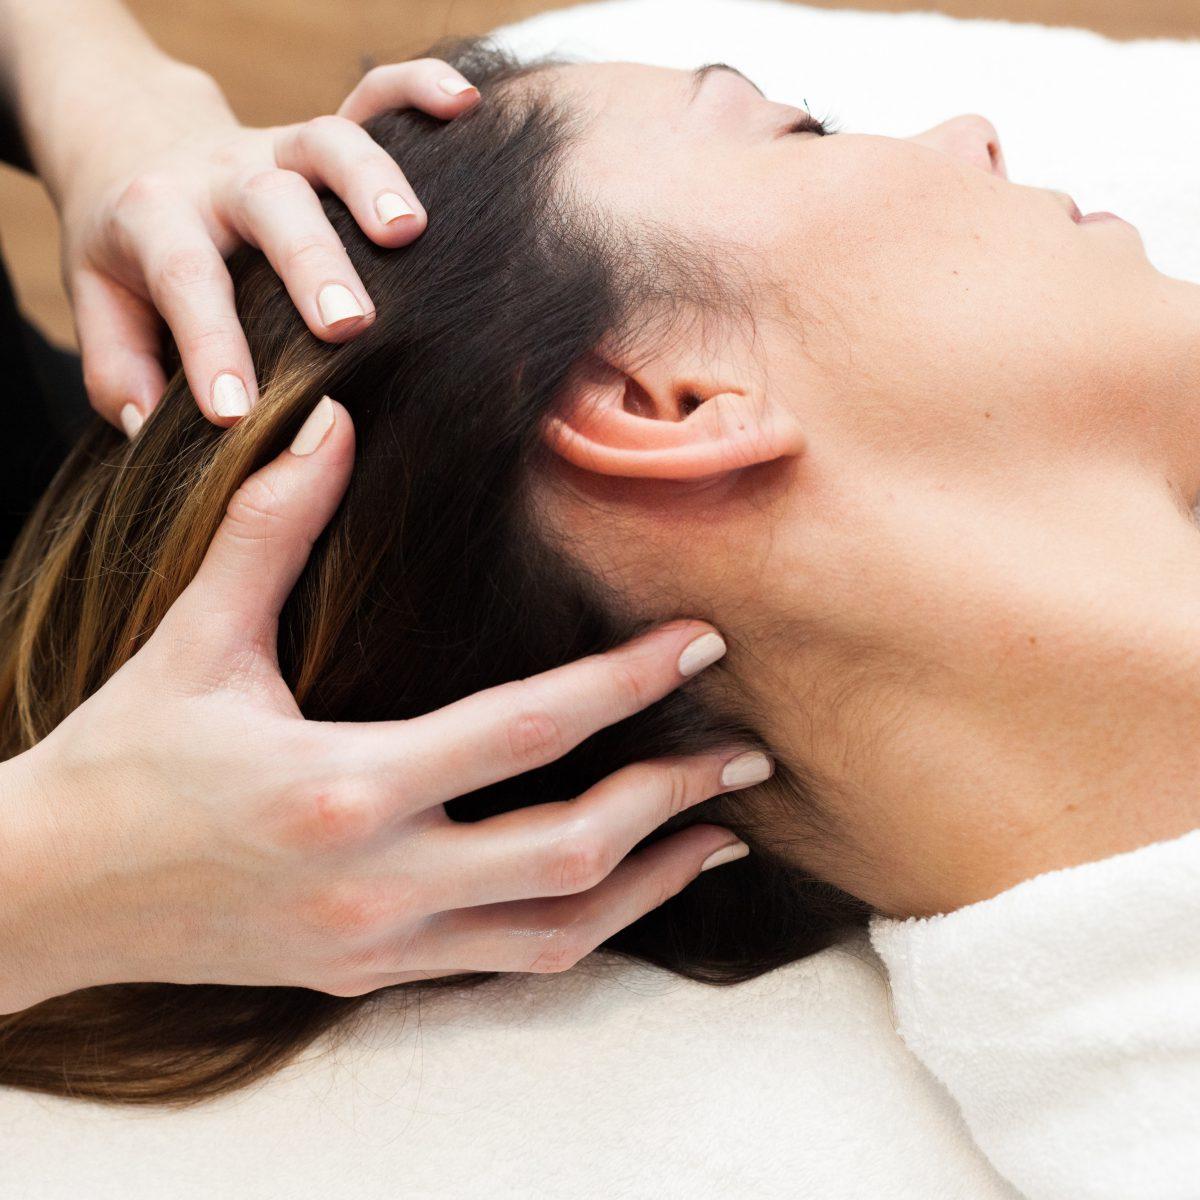 Почему многие неправильно ухаживают за кожей головы. Основные ошибки